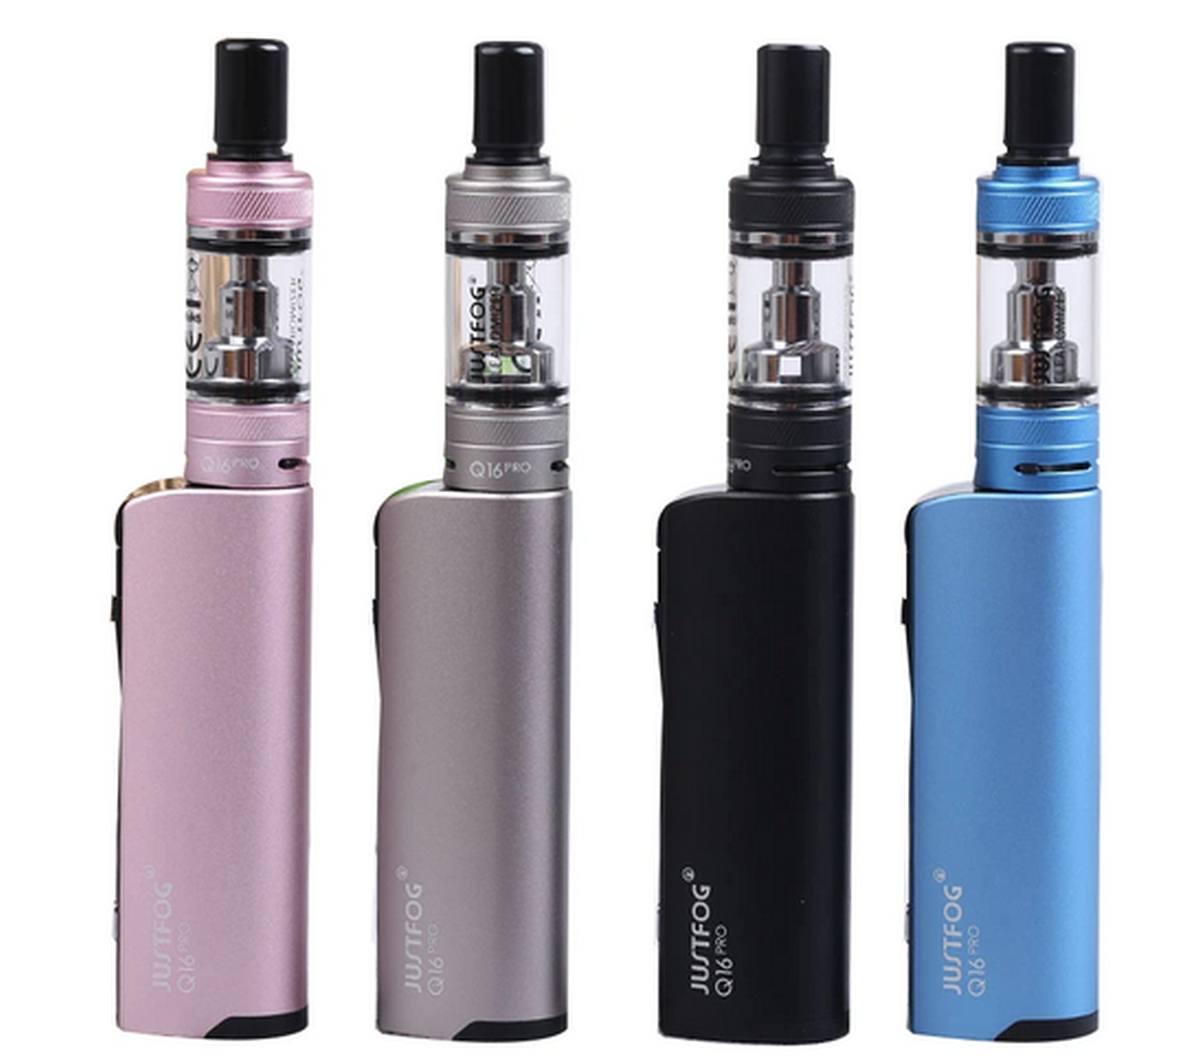 sigaretta-elettronica-justfog-q16-pro-nero-rosa-argento-blu